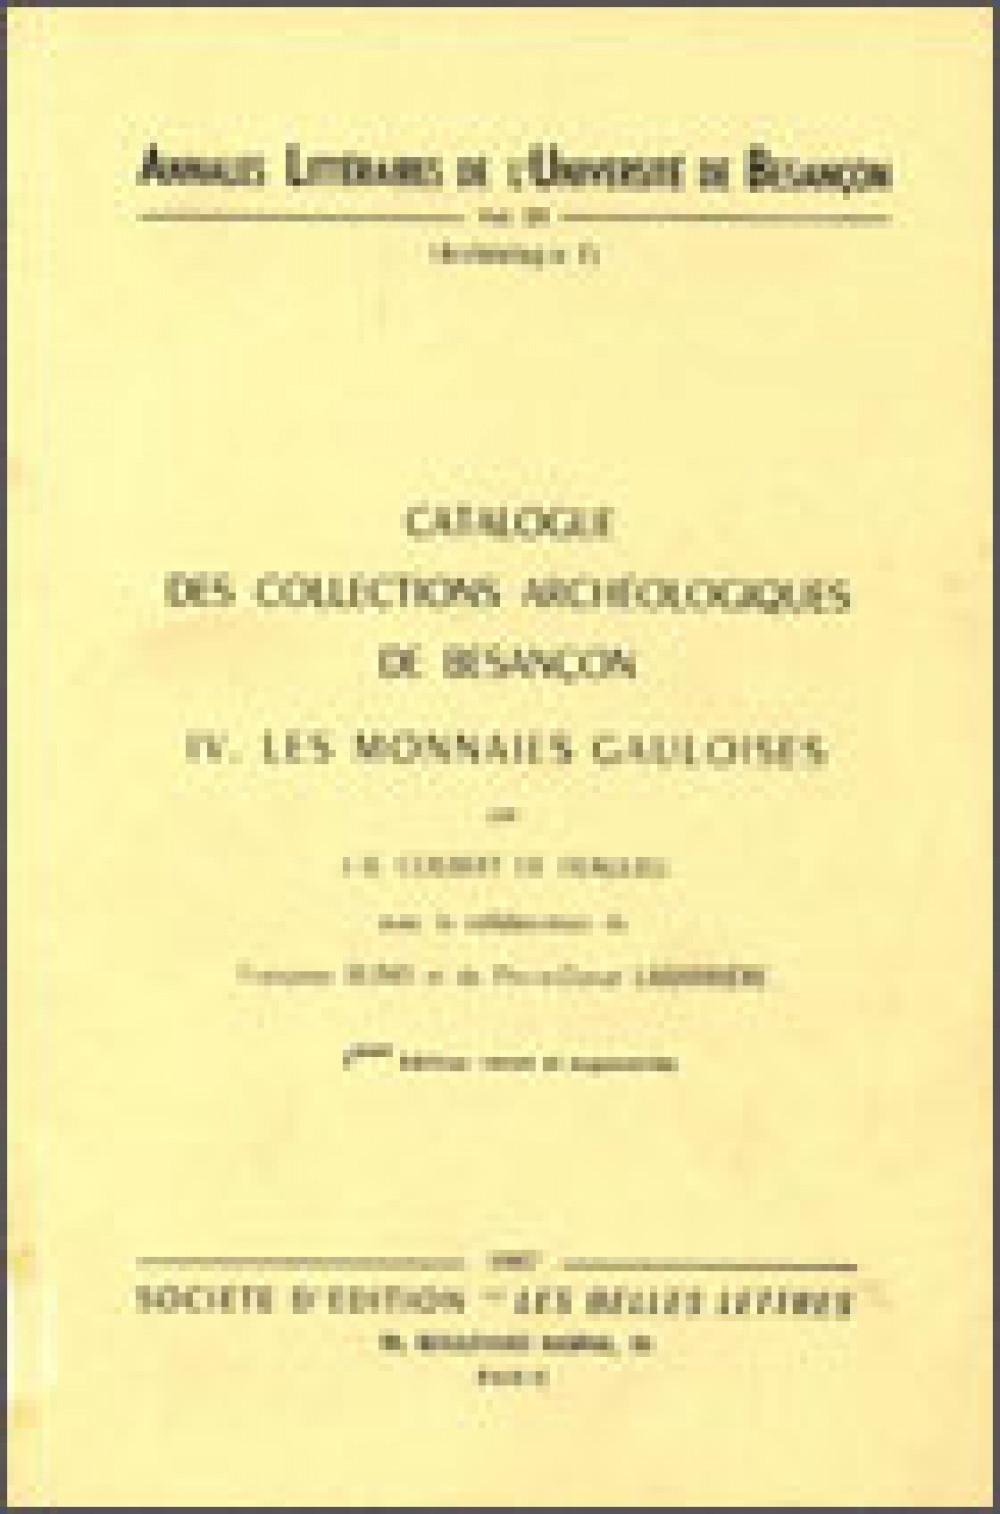 Catalogue des collections archéologiques de Besançon <br>IV  – Les monnaies gauloises